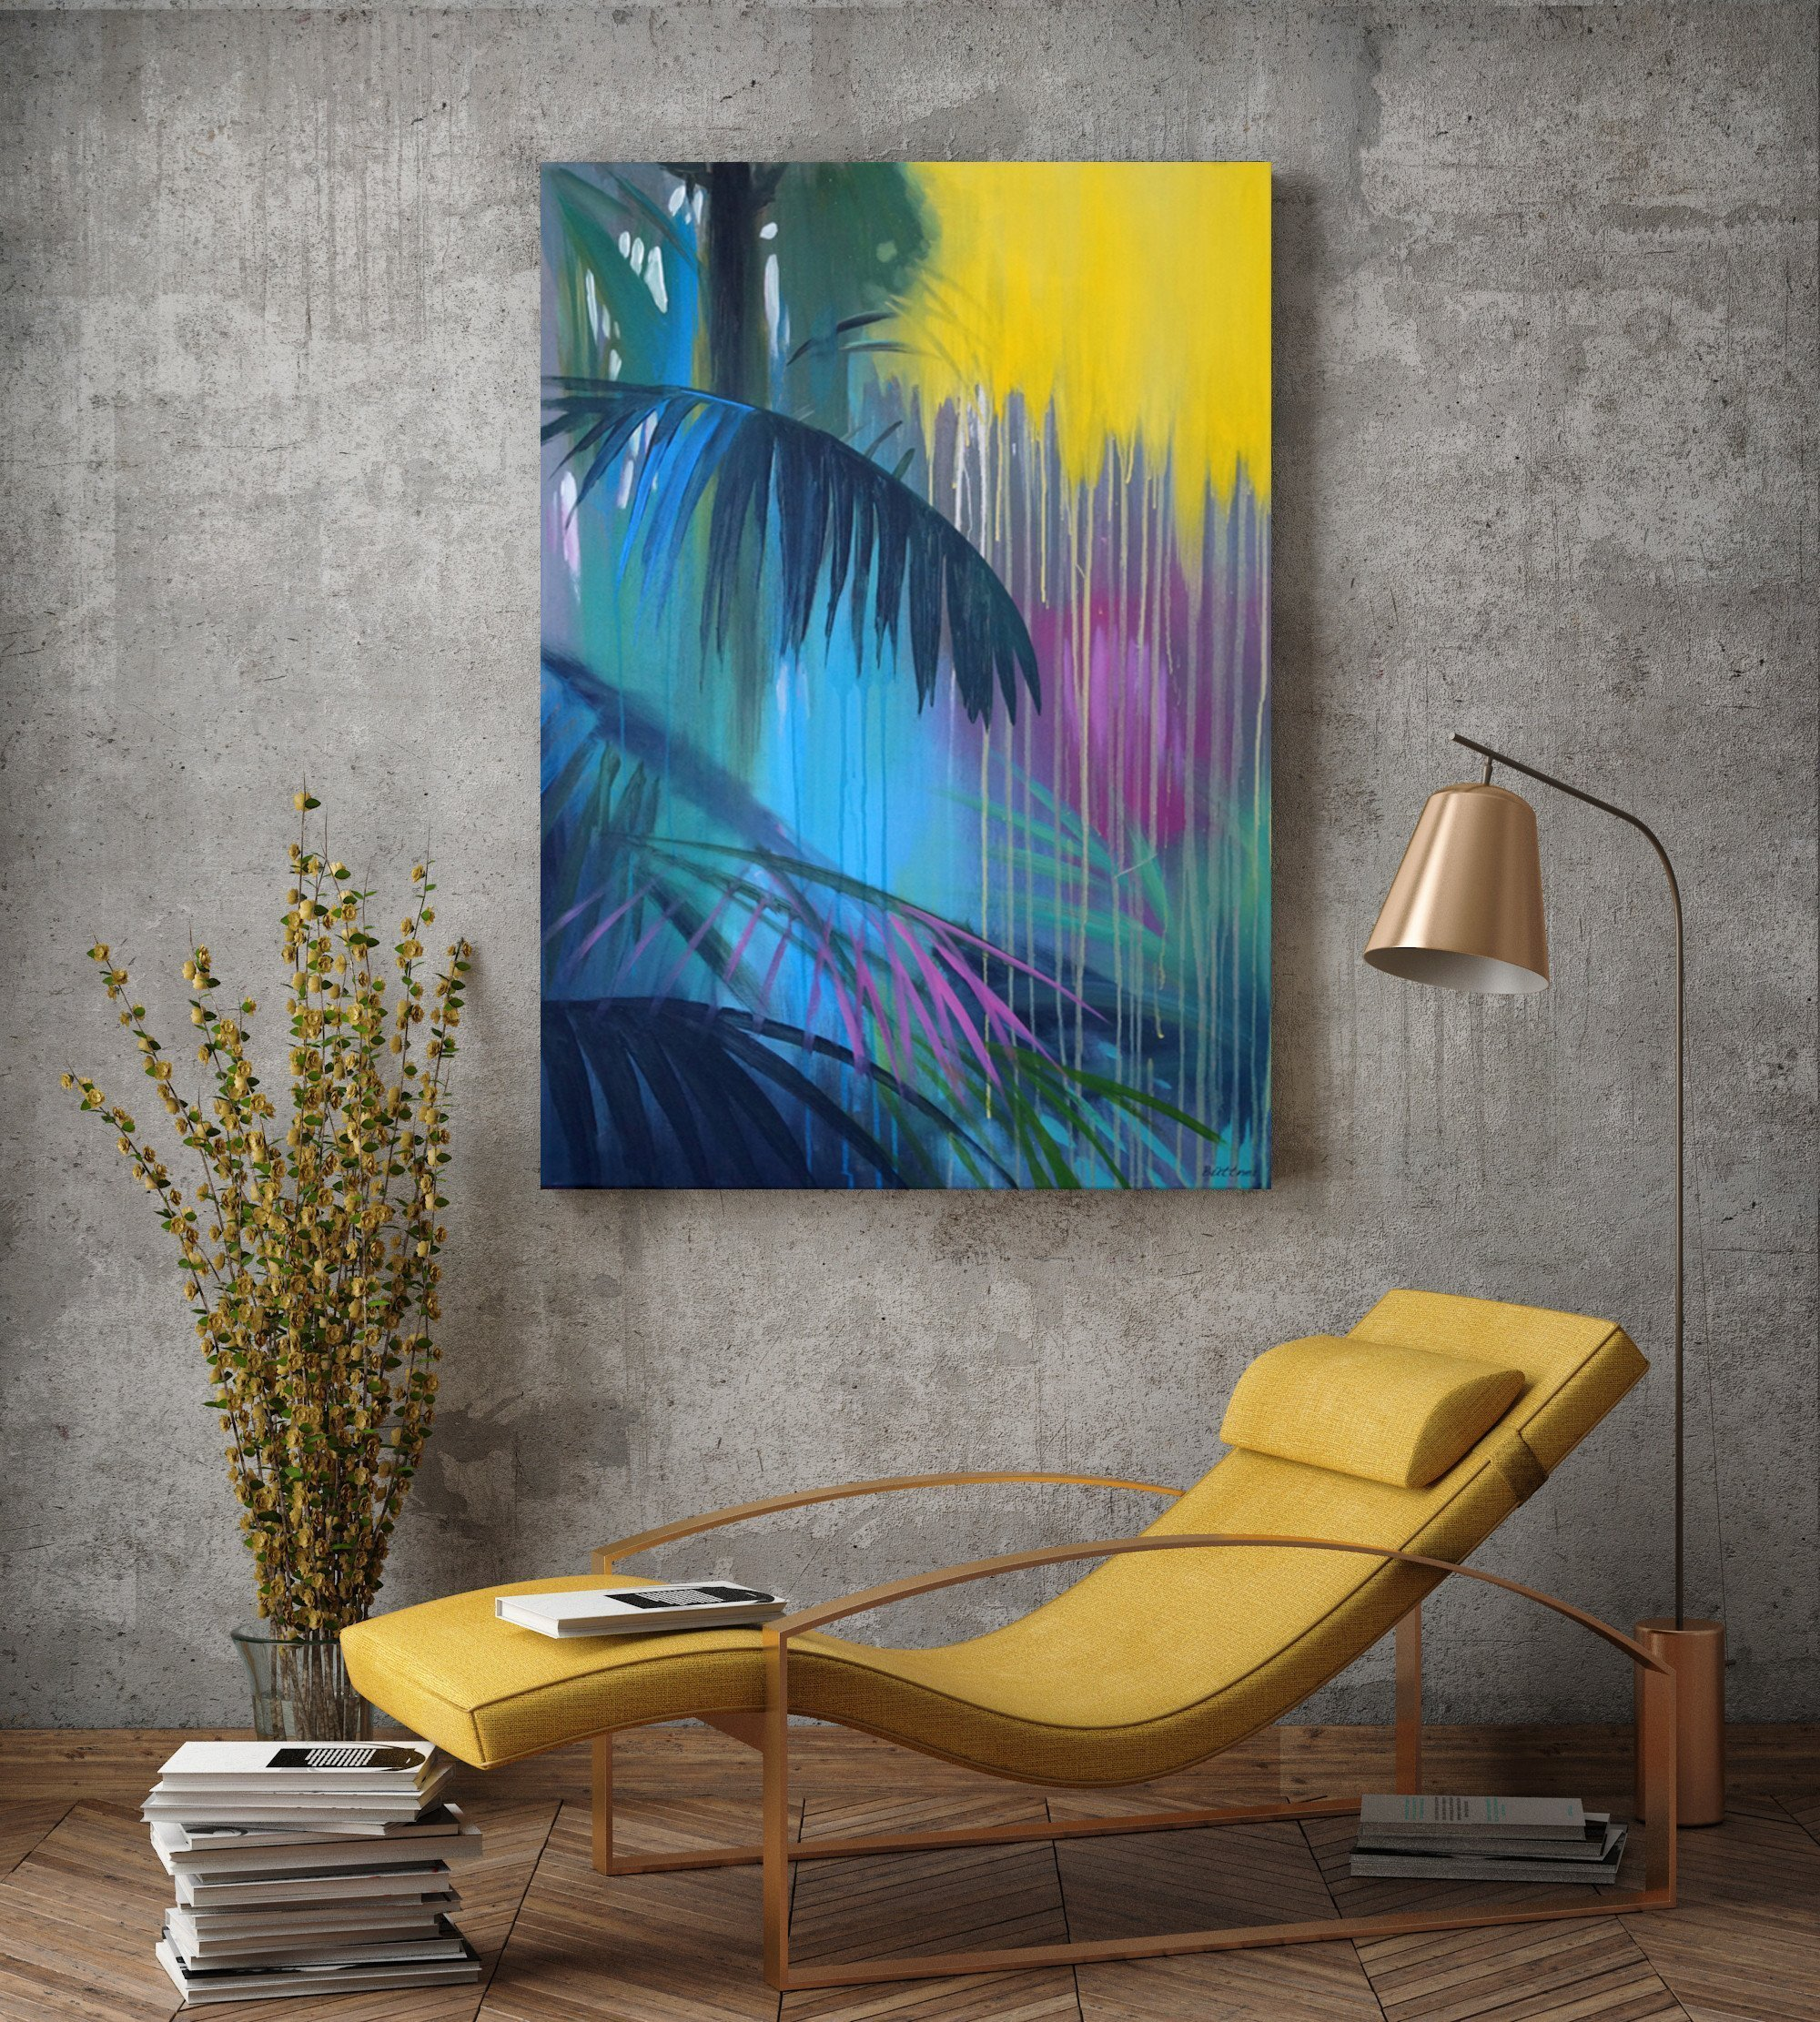 schilderij Landed in the Jungle van Buttner